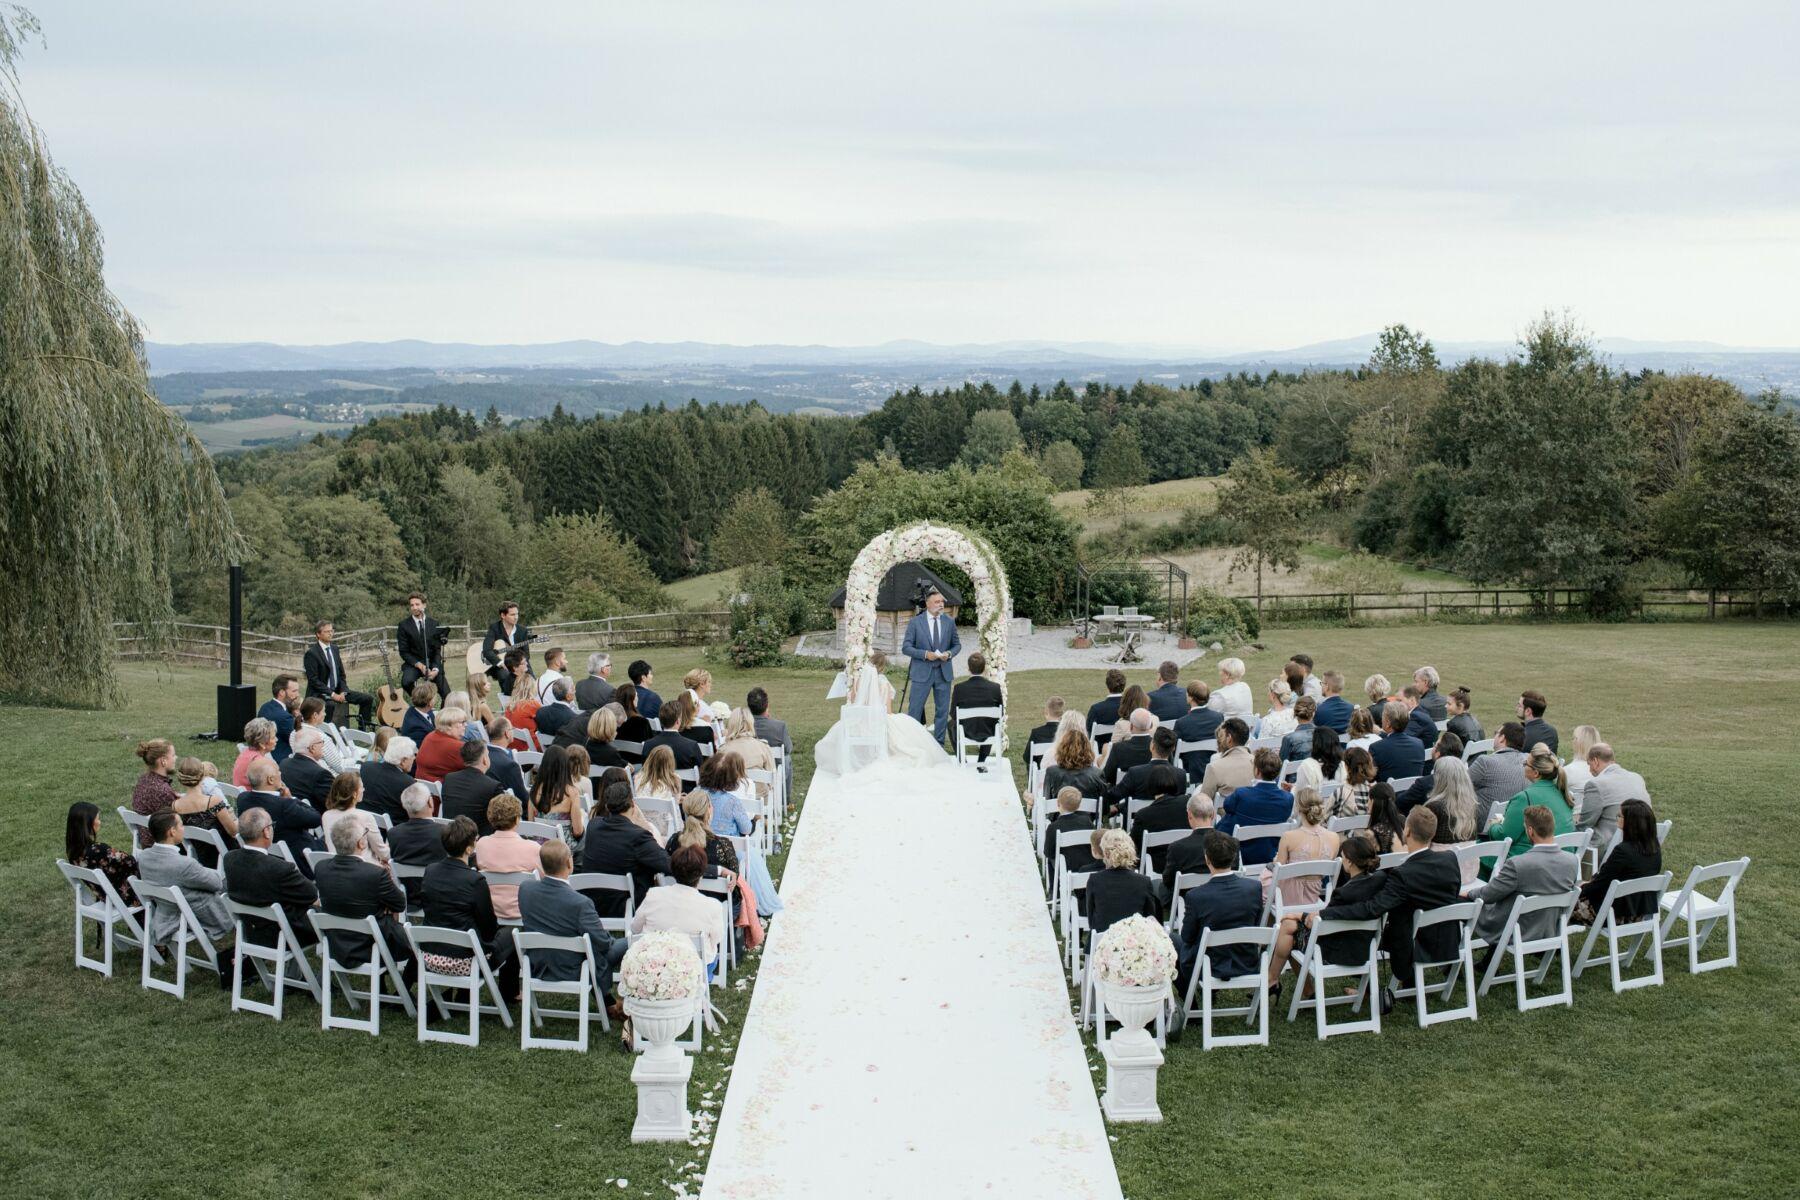 Elegantes-Hochzeit-Stillvoll-romantsich-scheune-bayern-passau-heiraten-rupperts-bonvivant-brautkleider-2020-hochzeitsauto-Braut-Brautfotos-Braut-inspirationnen-Hochzeitstorte-48